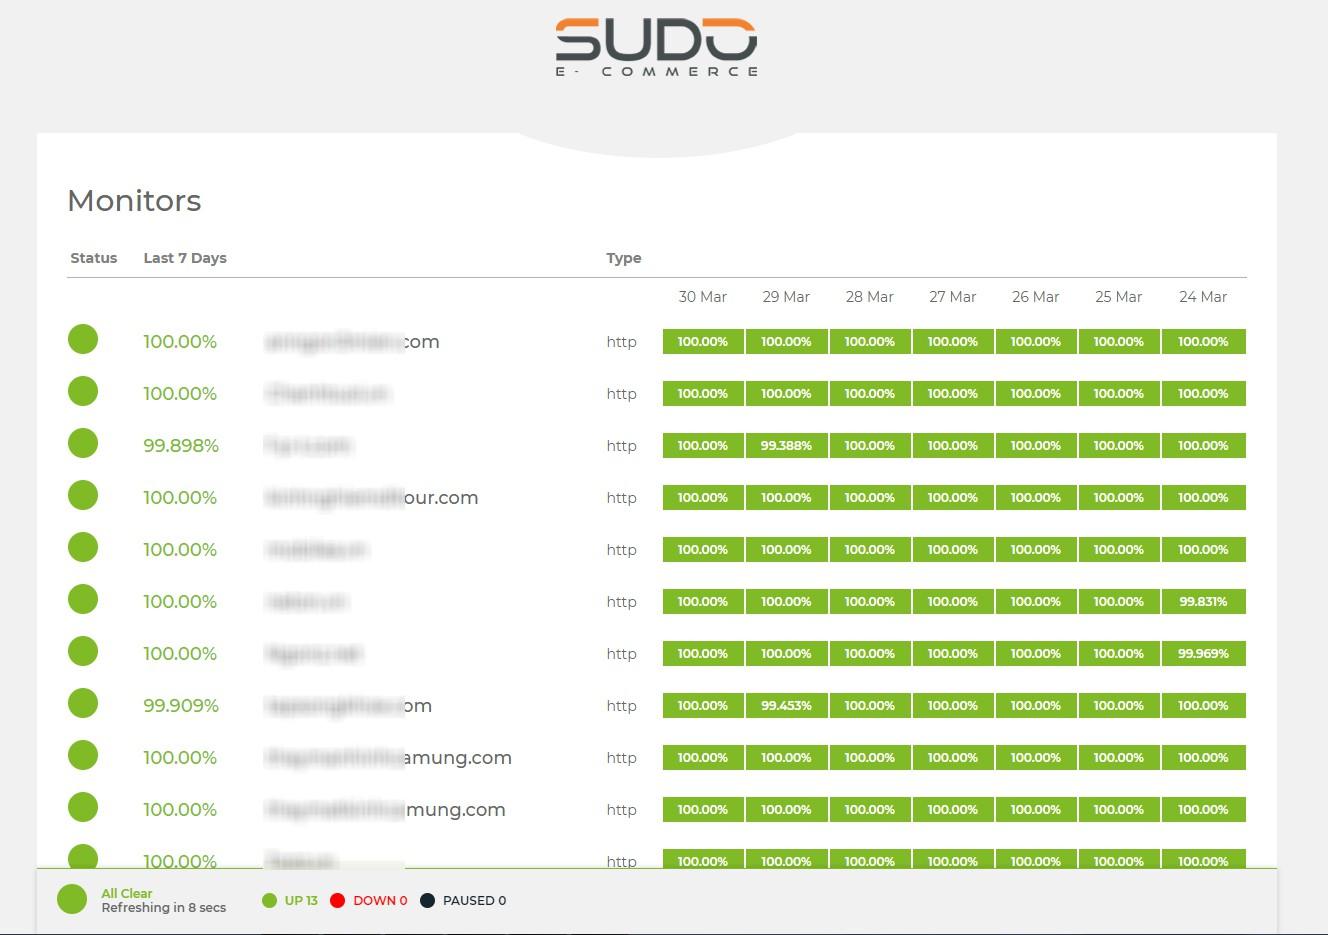 Hướng dẫn xây dựng công cụ theo dõi độ ổn định của Website tự động 24/7/365